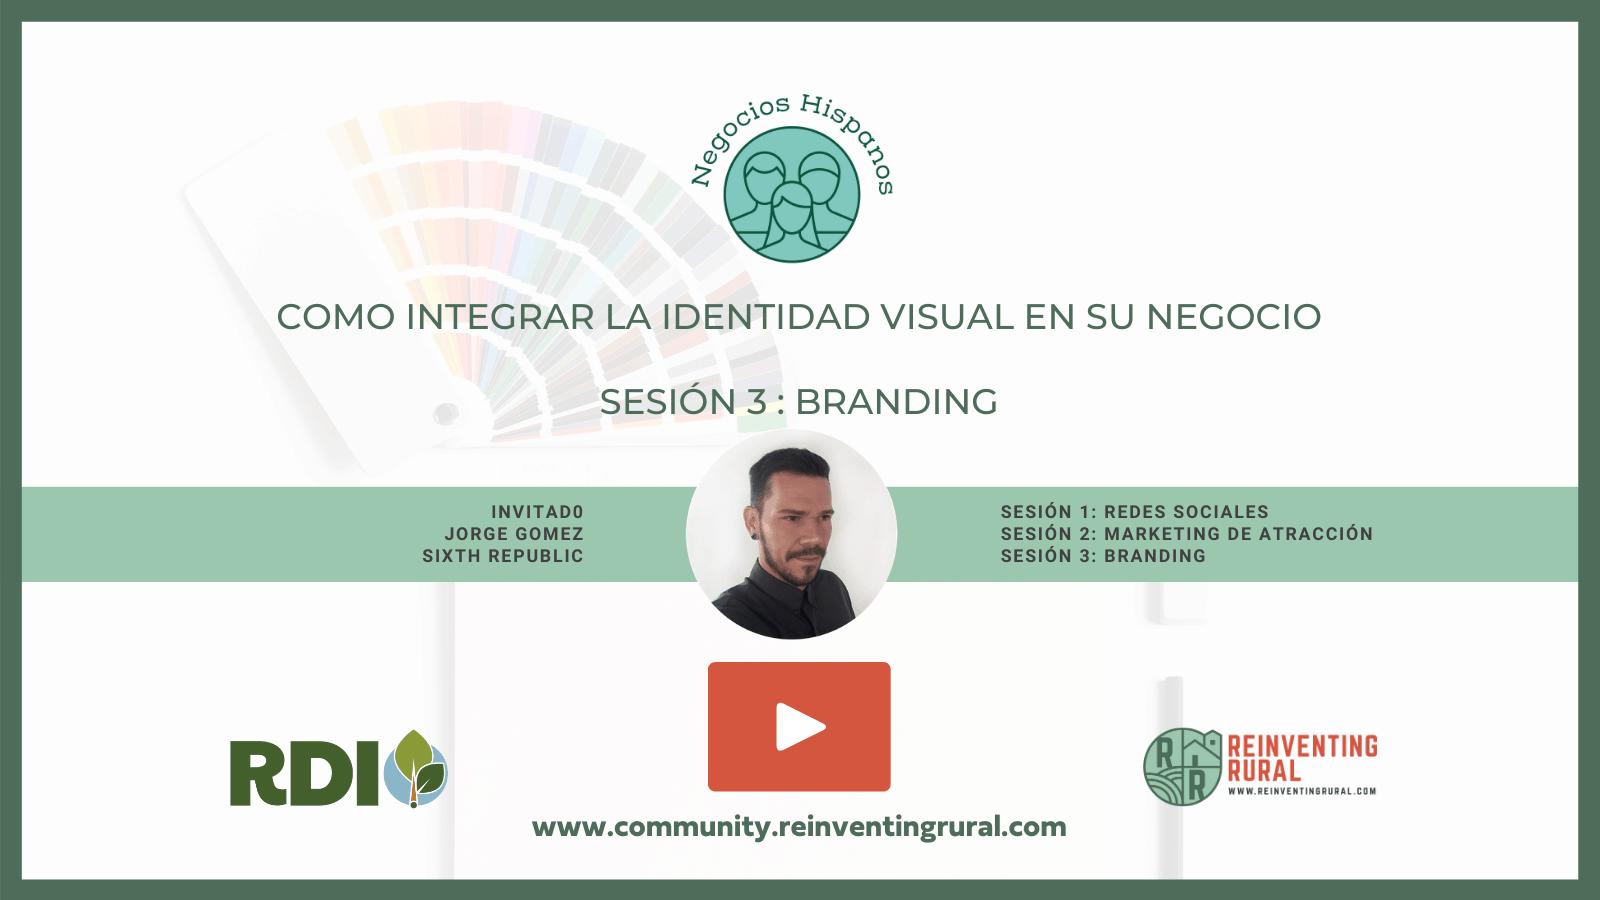 Sesion 3 Como Integrar la Identidad Visual en su Negocio Play Button